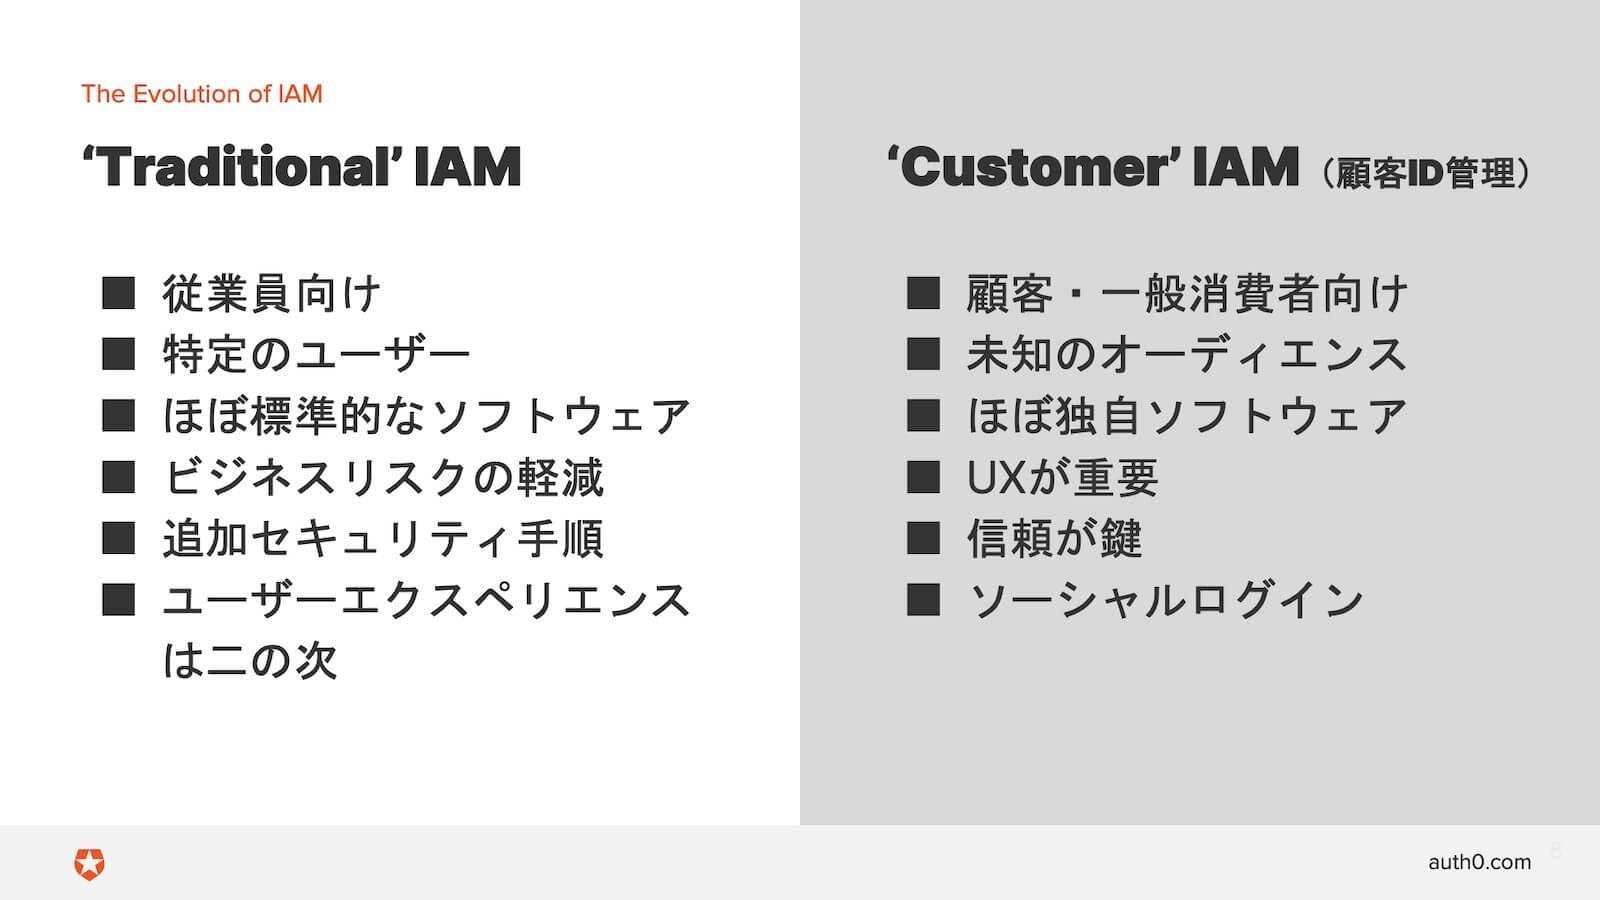 資料_Traditional IAM_Customer IAM